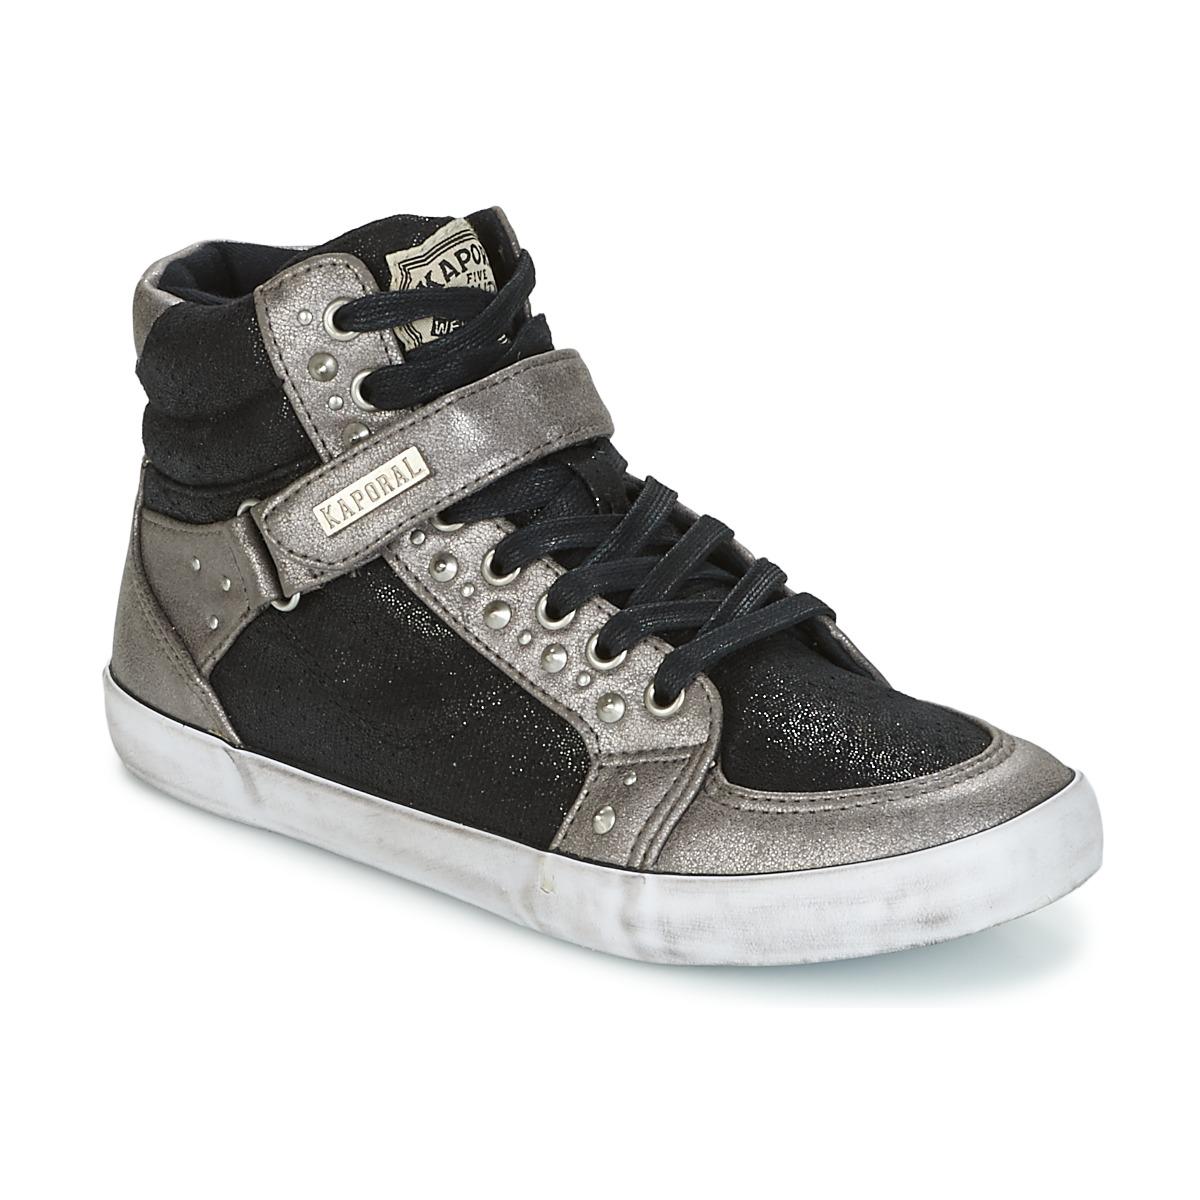 kaporal snatchy noir chaussure pas cher avec chaussures basket montante femme 45 49. Black Bedroom Furniture Sets. Home Design Ideas